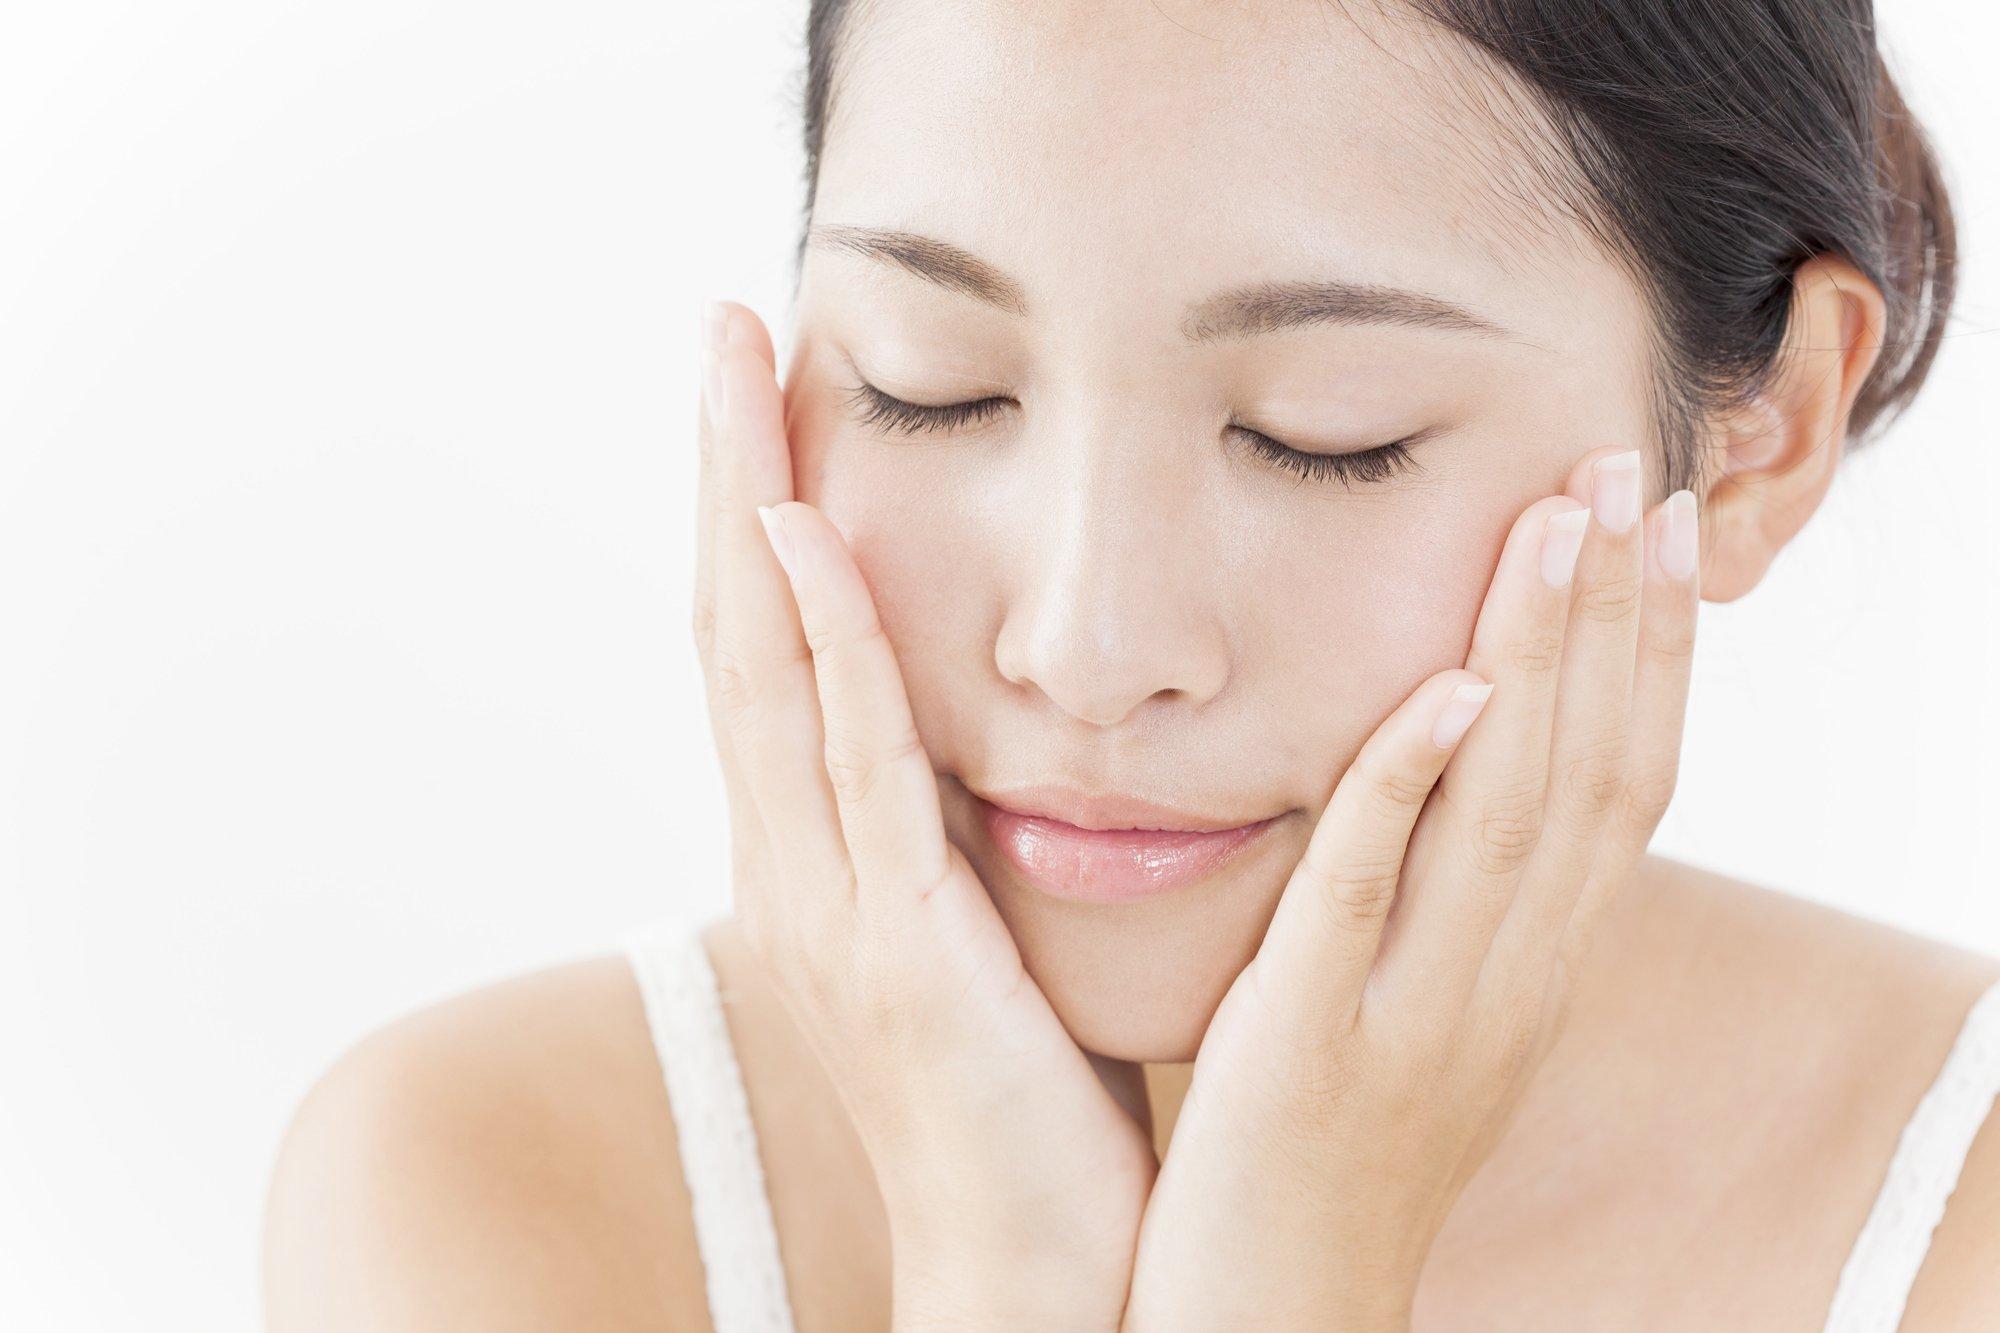 肌 保湿에 대한 이미지 검색결과